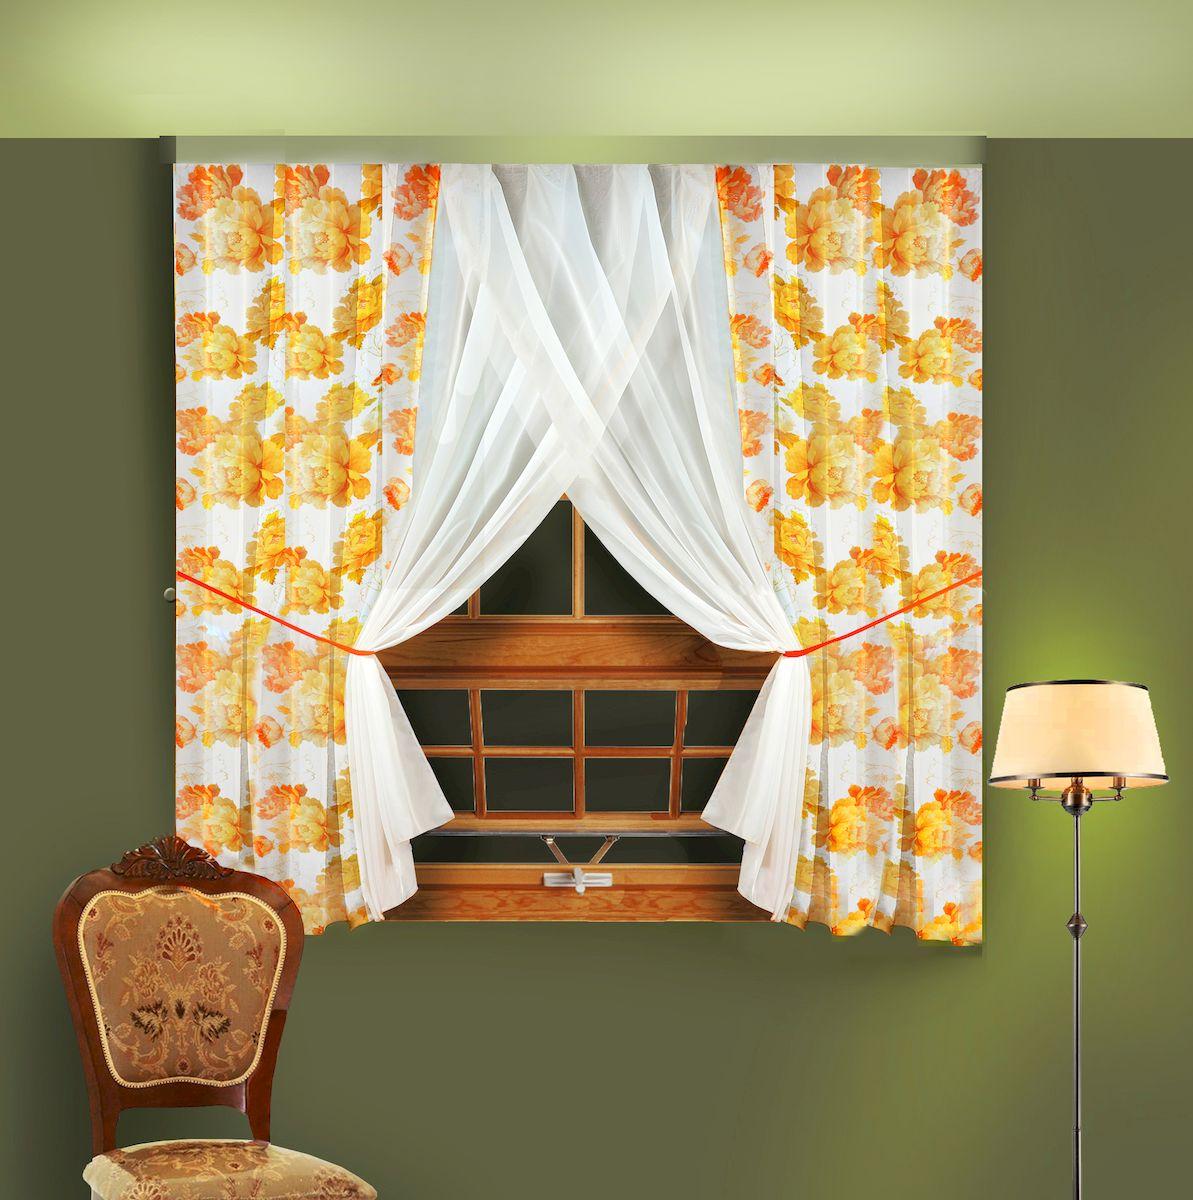 Комплект штор для кухни Zlata Korunka, на ленте, цвет: желтый, высота 180 см. 55664KGB GX-3Комплект штор для кухни Zlata Korunka, выполненный из полиэстера, великолепно украсит любое окно. Комплект состоит из 2 штор и 2 подхватов. Крупный цветочный рисунок и приятная цветовая гамма привлекут к себе внимание и органично впишутся в интерьер помещения. Этот комплект будет долгое время радовать вас и вашу семью!Комплект крепится на карниз при помощи ленты, которая поможет красиво и равномерно задрапировать верх.В комплект входит: Штора: 2 шт. Размер (Ш х В): 180 х 180 см.Подхват: 2 шт.